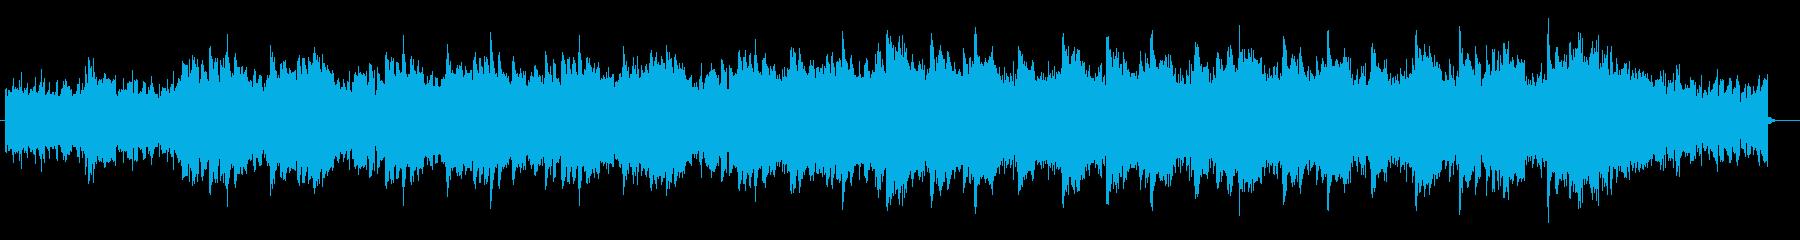 ピアノとシンセが主体の爽やかなCM音楽の再生済みの波形